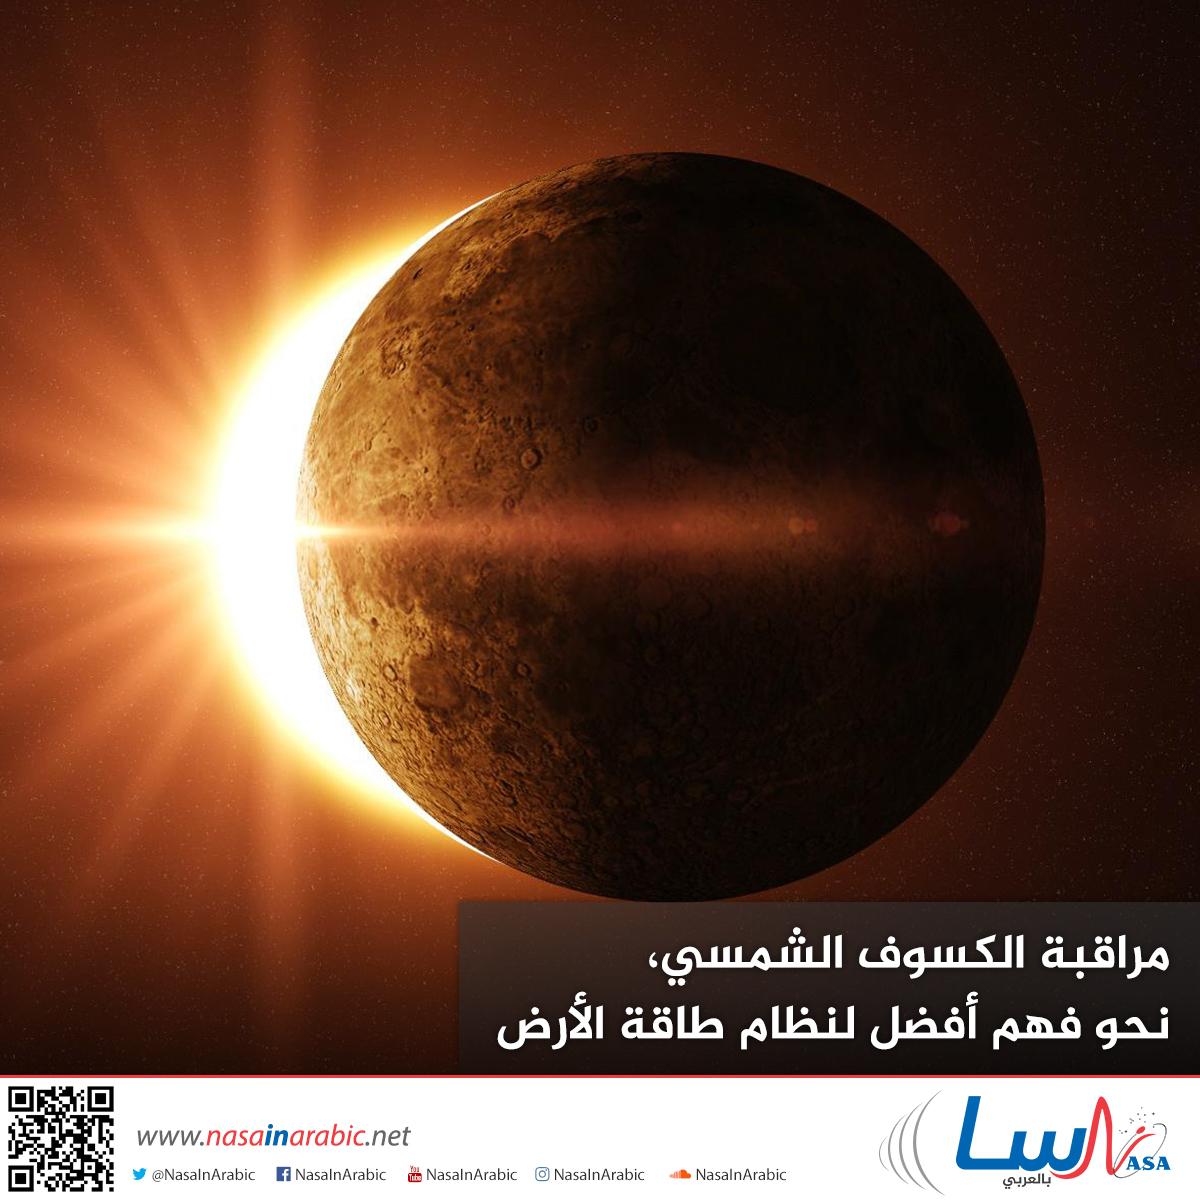 مراقبة الكسوف الشمسي، نحو فهم أفضل لنظام طاقة الأرض